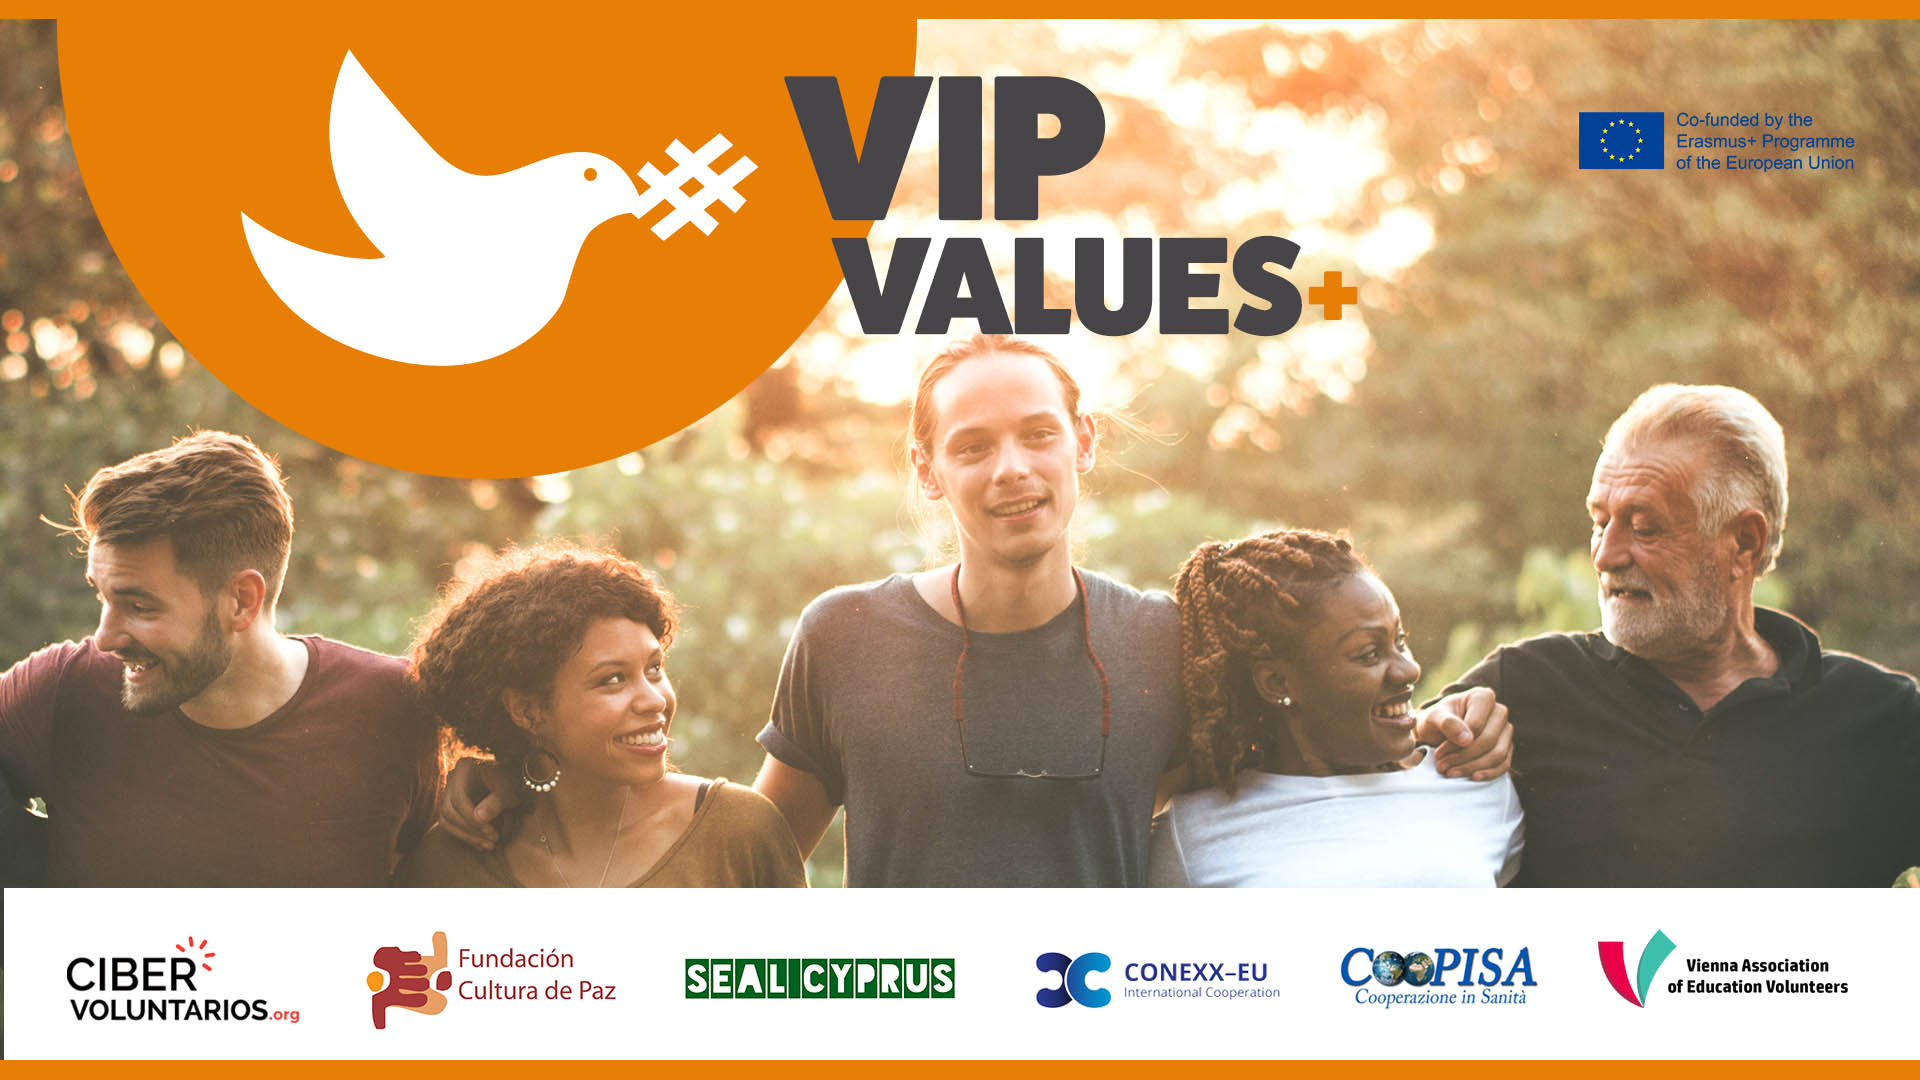 Descubre la nueva web de VIPvalues+: Tecnología al servicio de la paz y la inclusión socio-digital en Europa